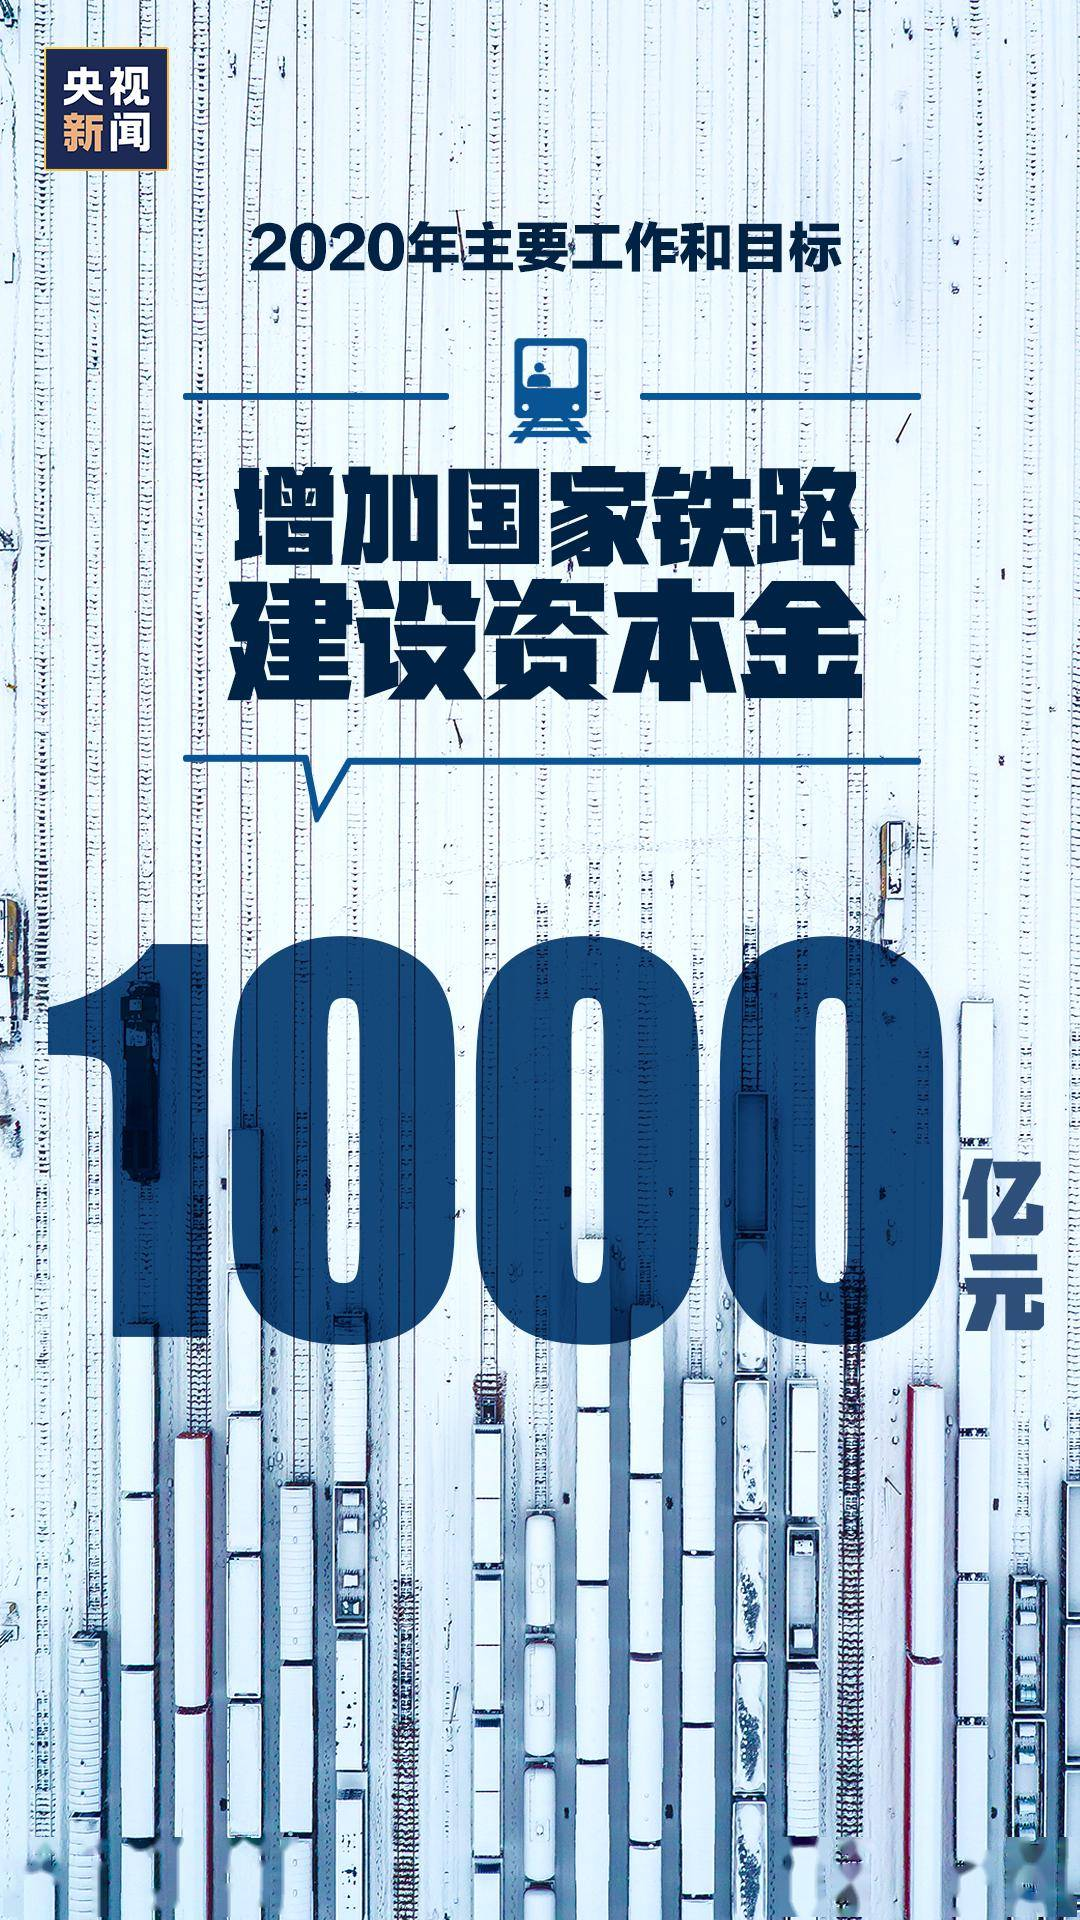 2020年上半年济南出生人口_2020年济南地铁规划图